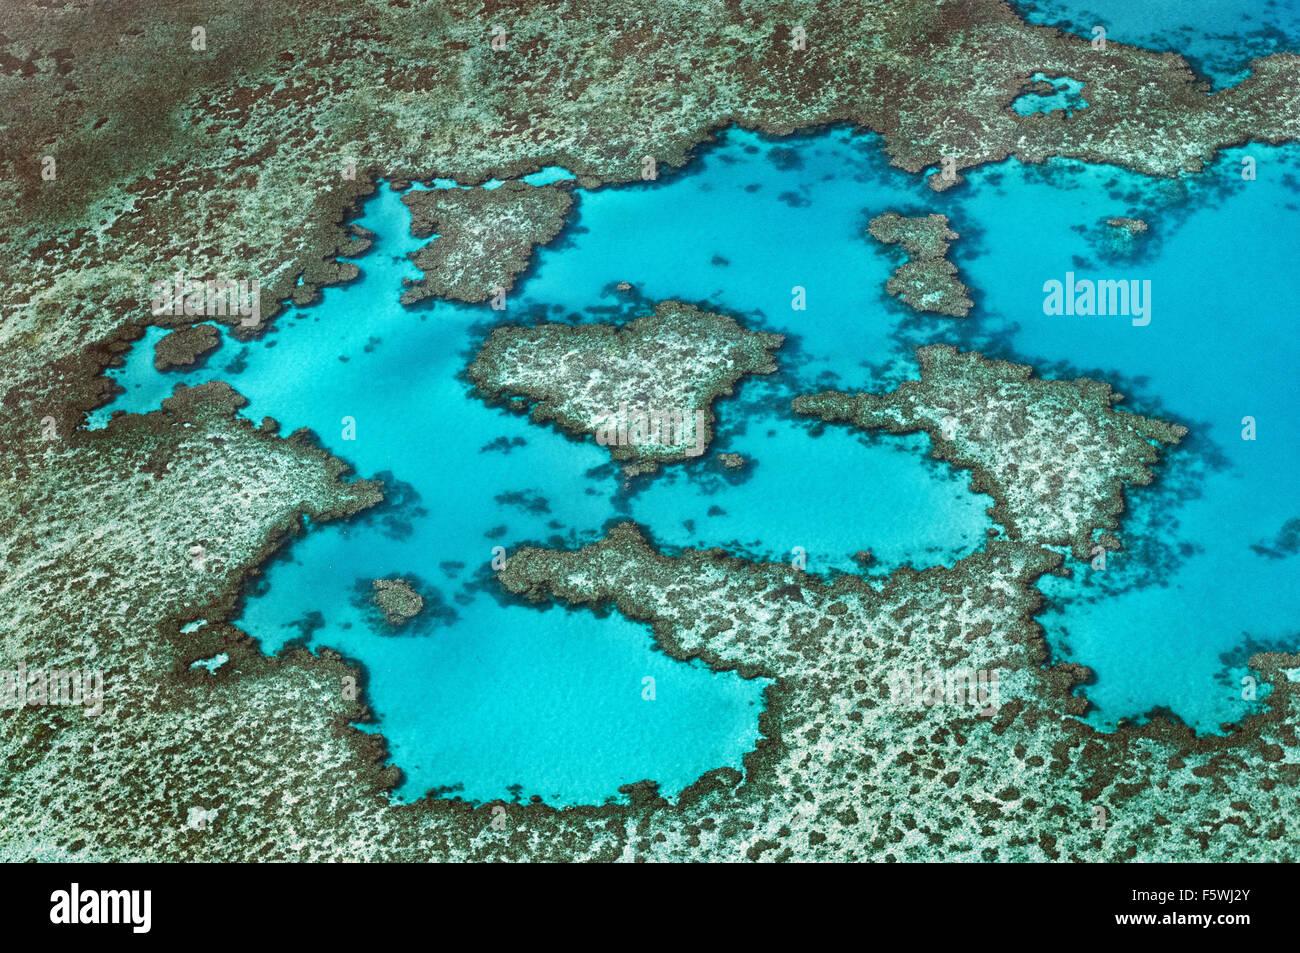 Lagune im Great Barrier Reef. Stockbild